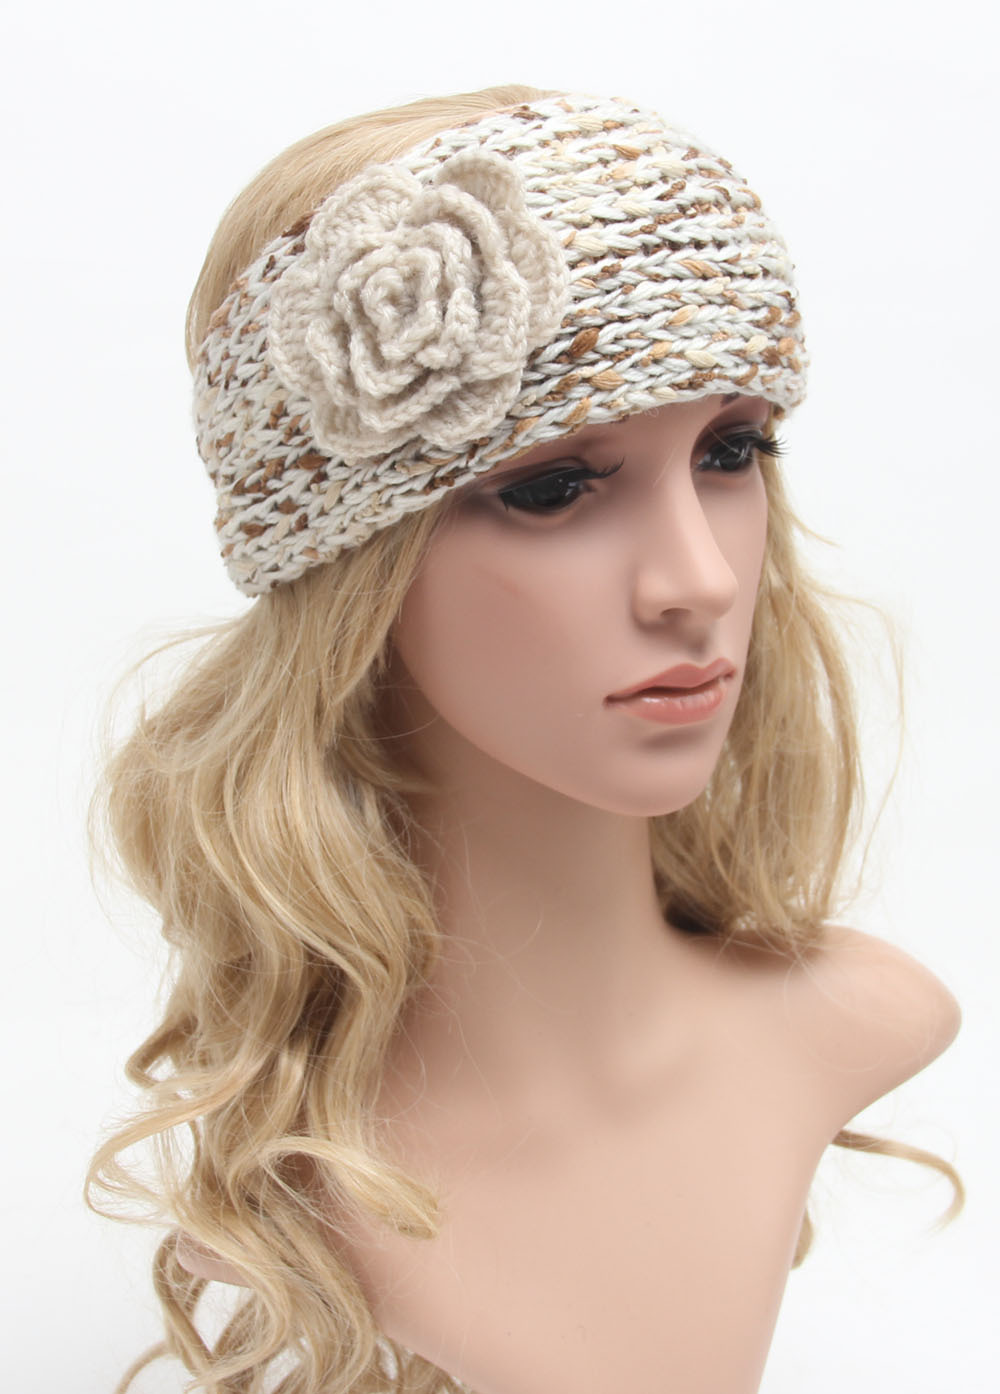 ear warmer women\u2019s crochet headband soft yarn Knit headband flower headband crochet ear warmer women\u2019s headband winter headband